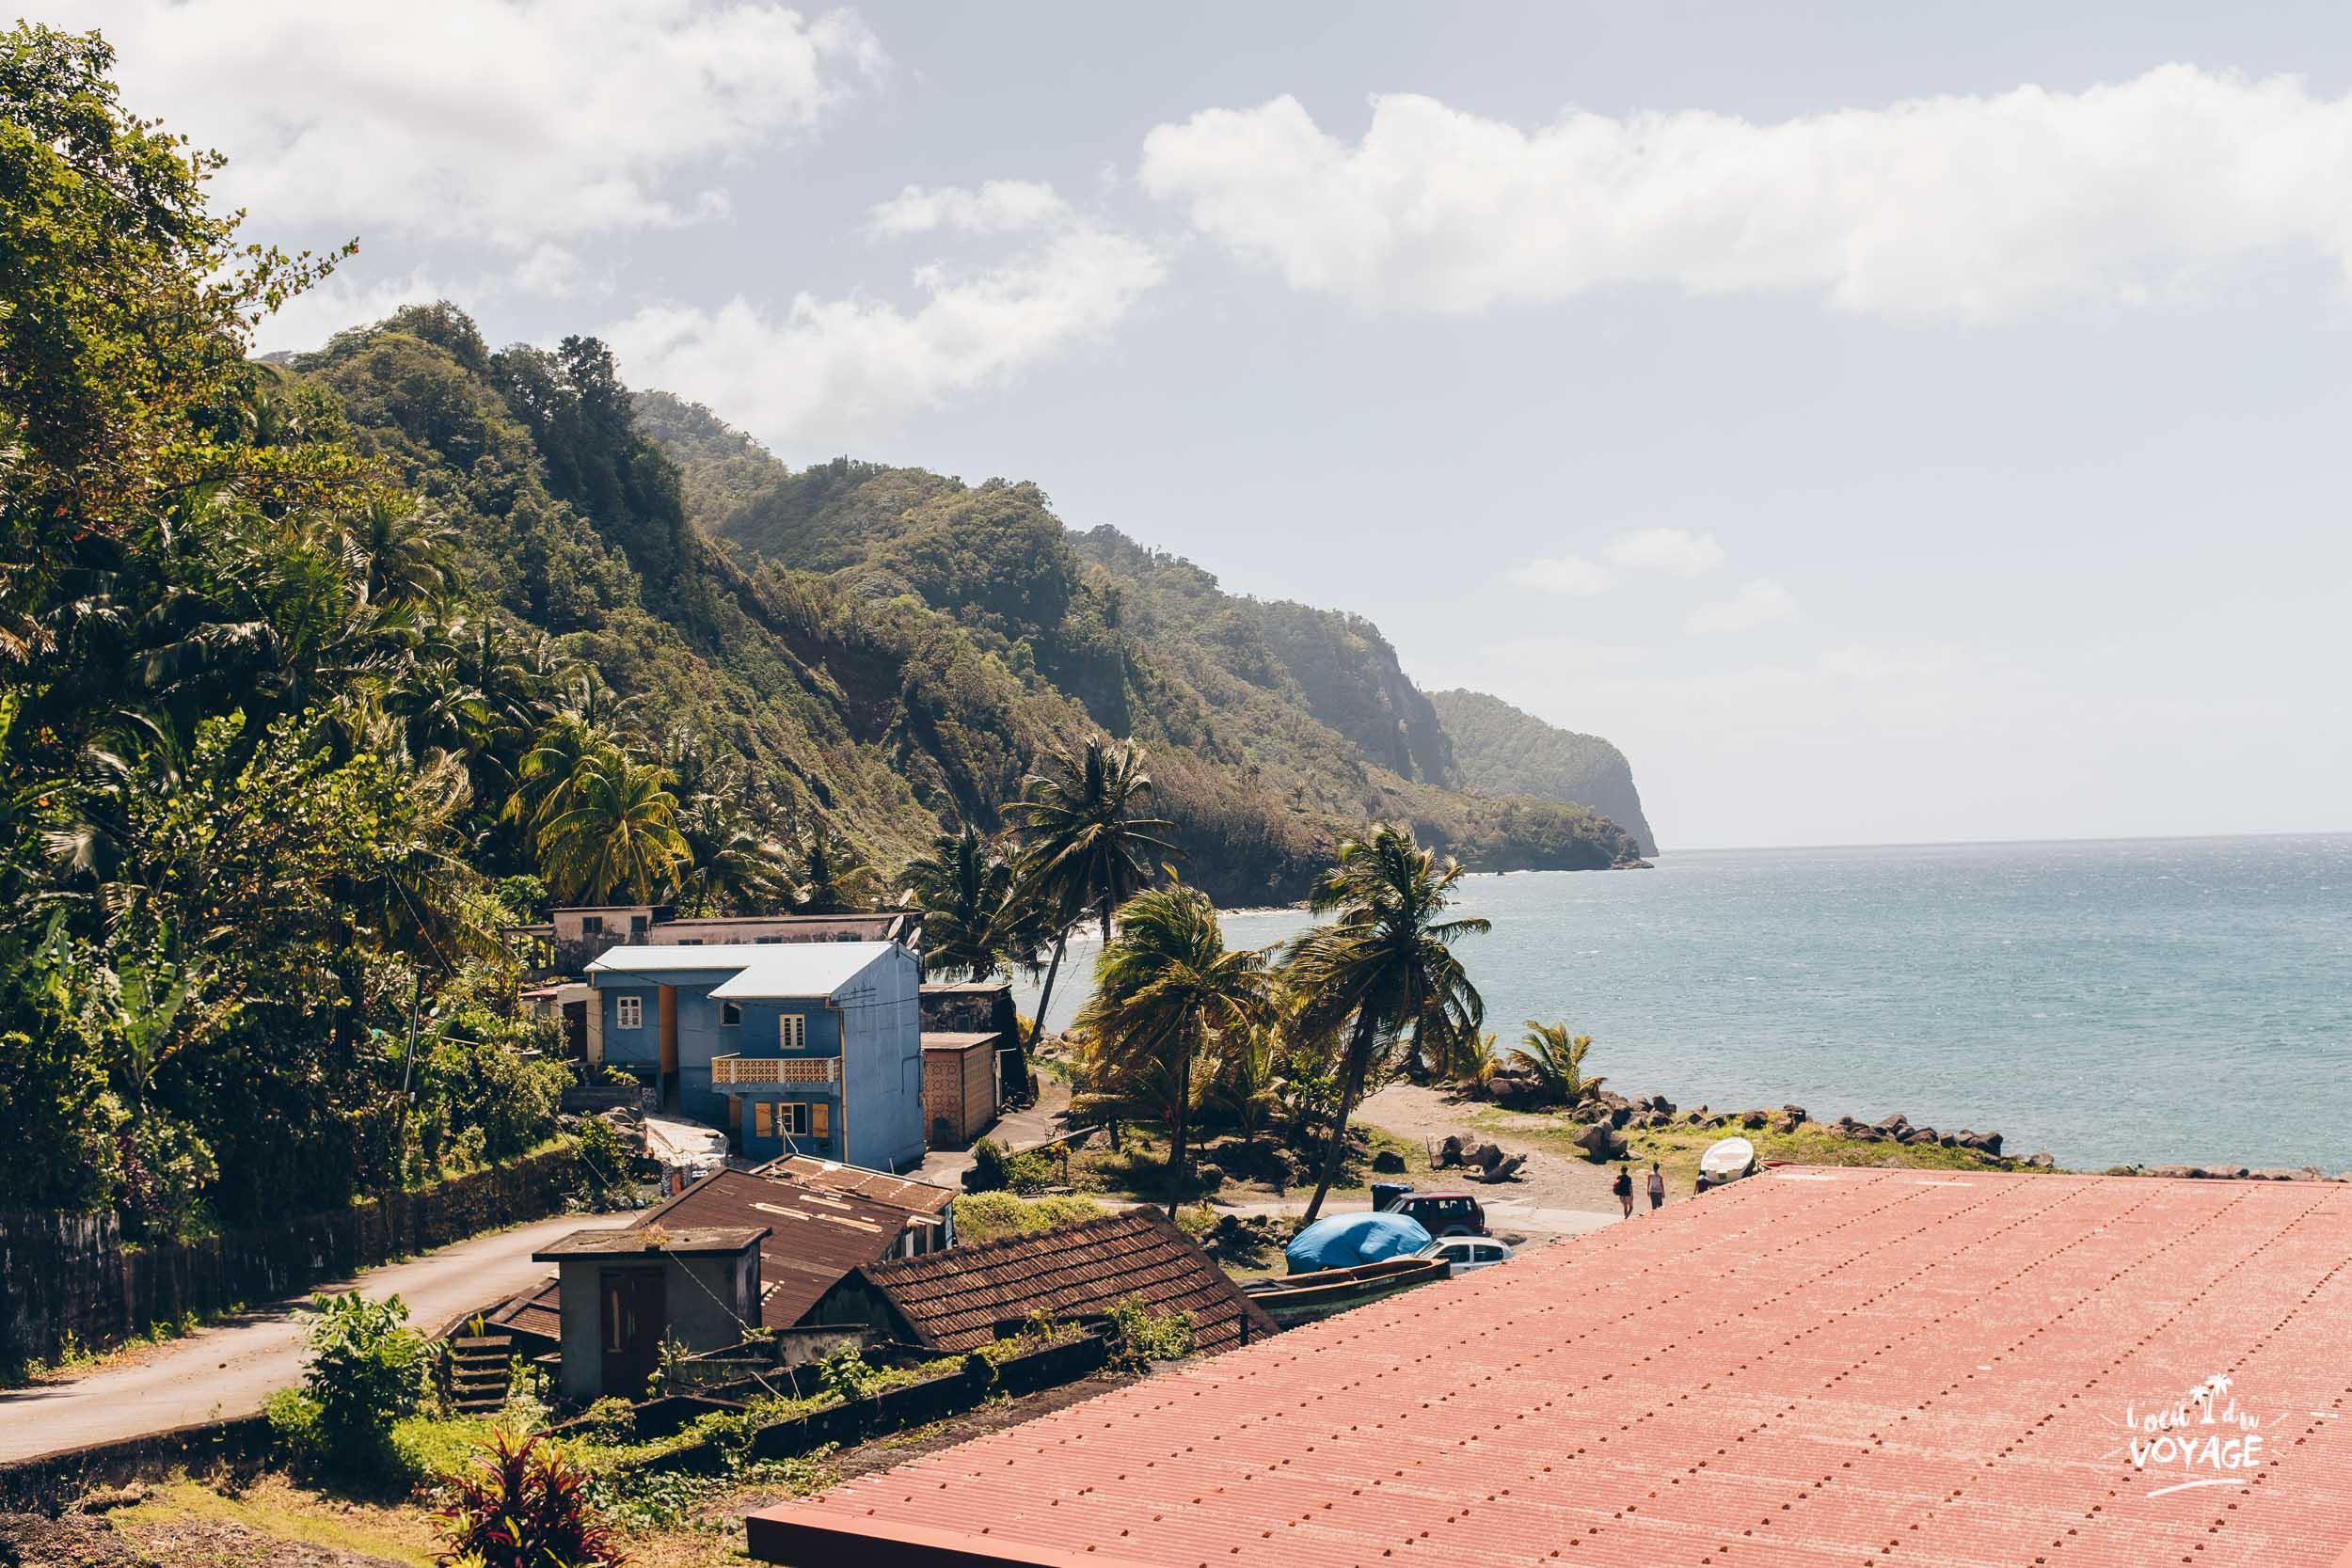 visiter Grand-Rivière en Martinique, voyage aux Antilles, bon plan vacances martinique, meilleur blog voyage